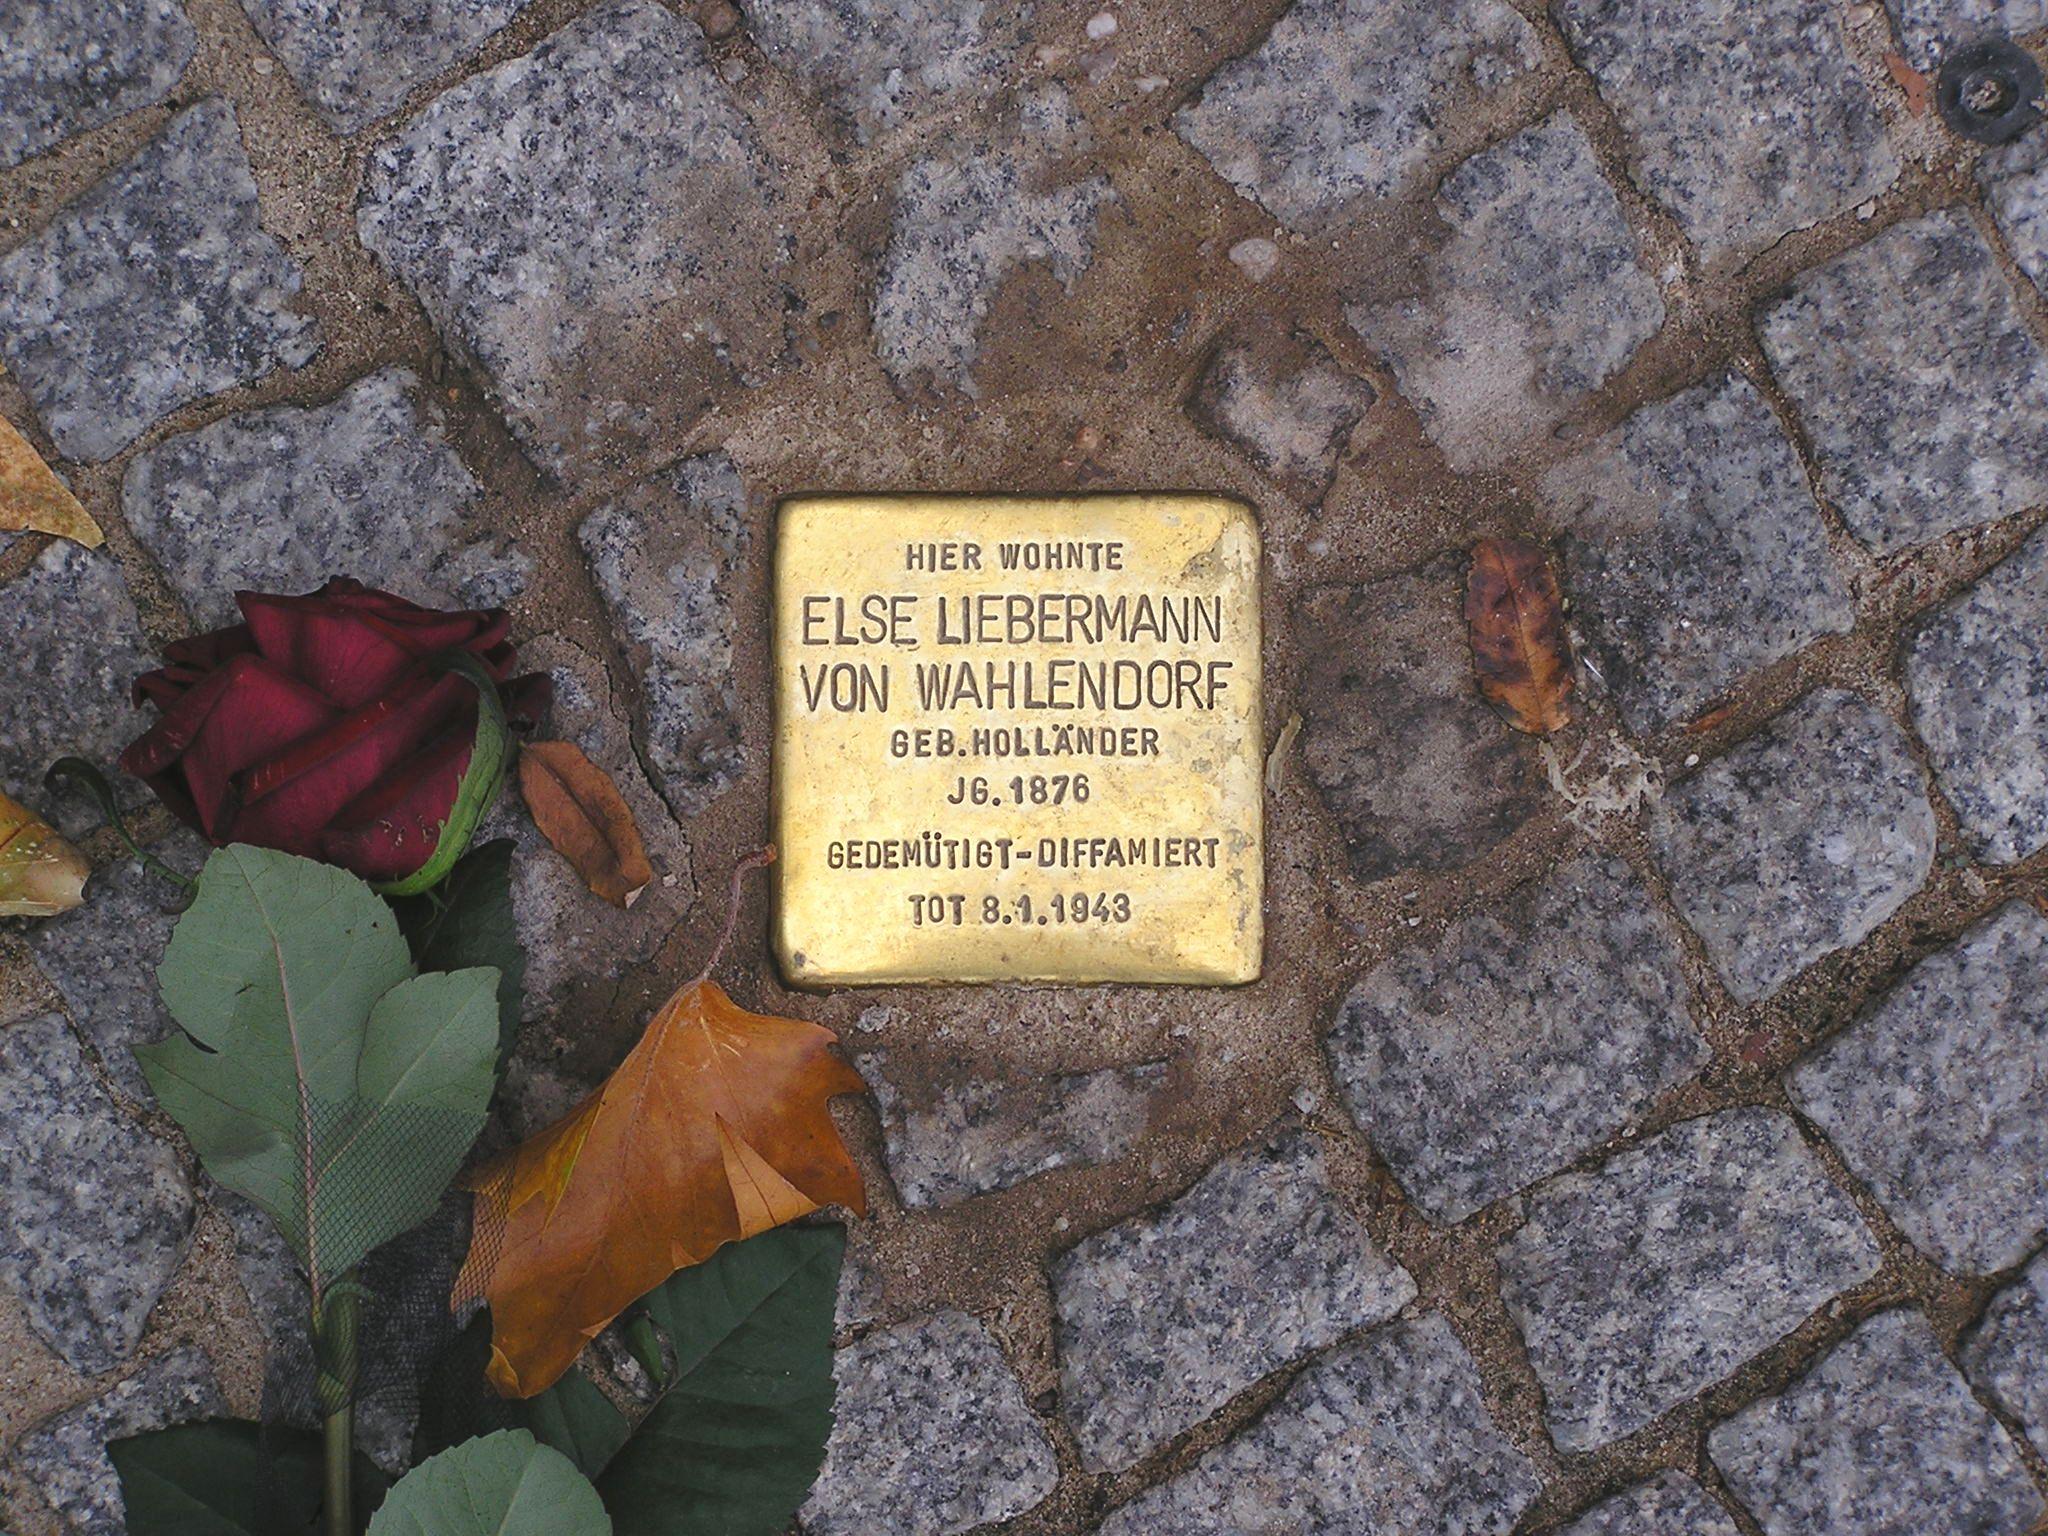 Stolperstein Else Liebermann von Wahlendorf Berlin Budapester Strasse.jpg